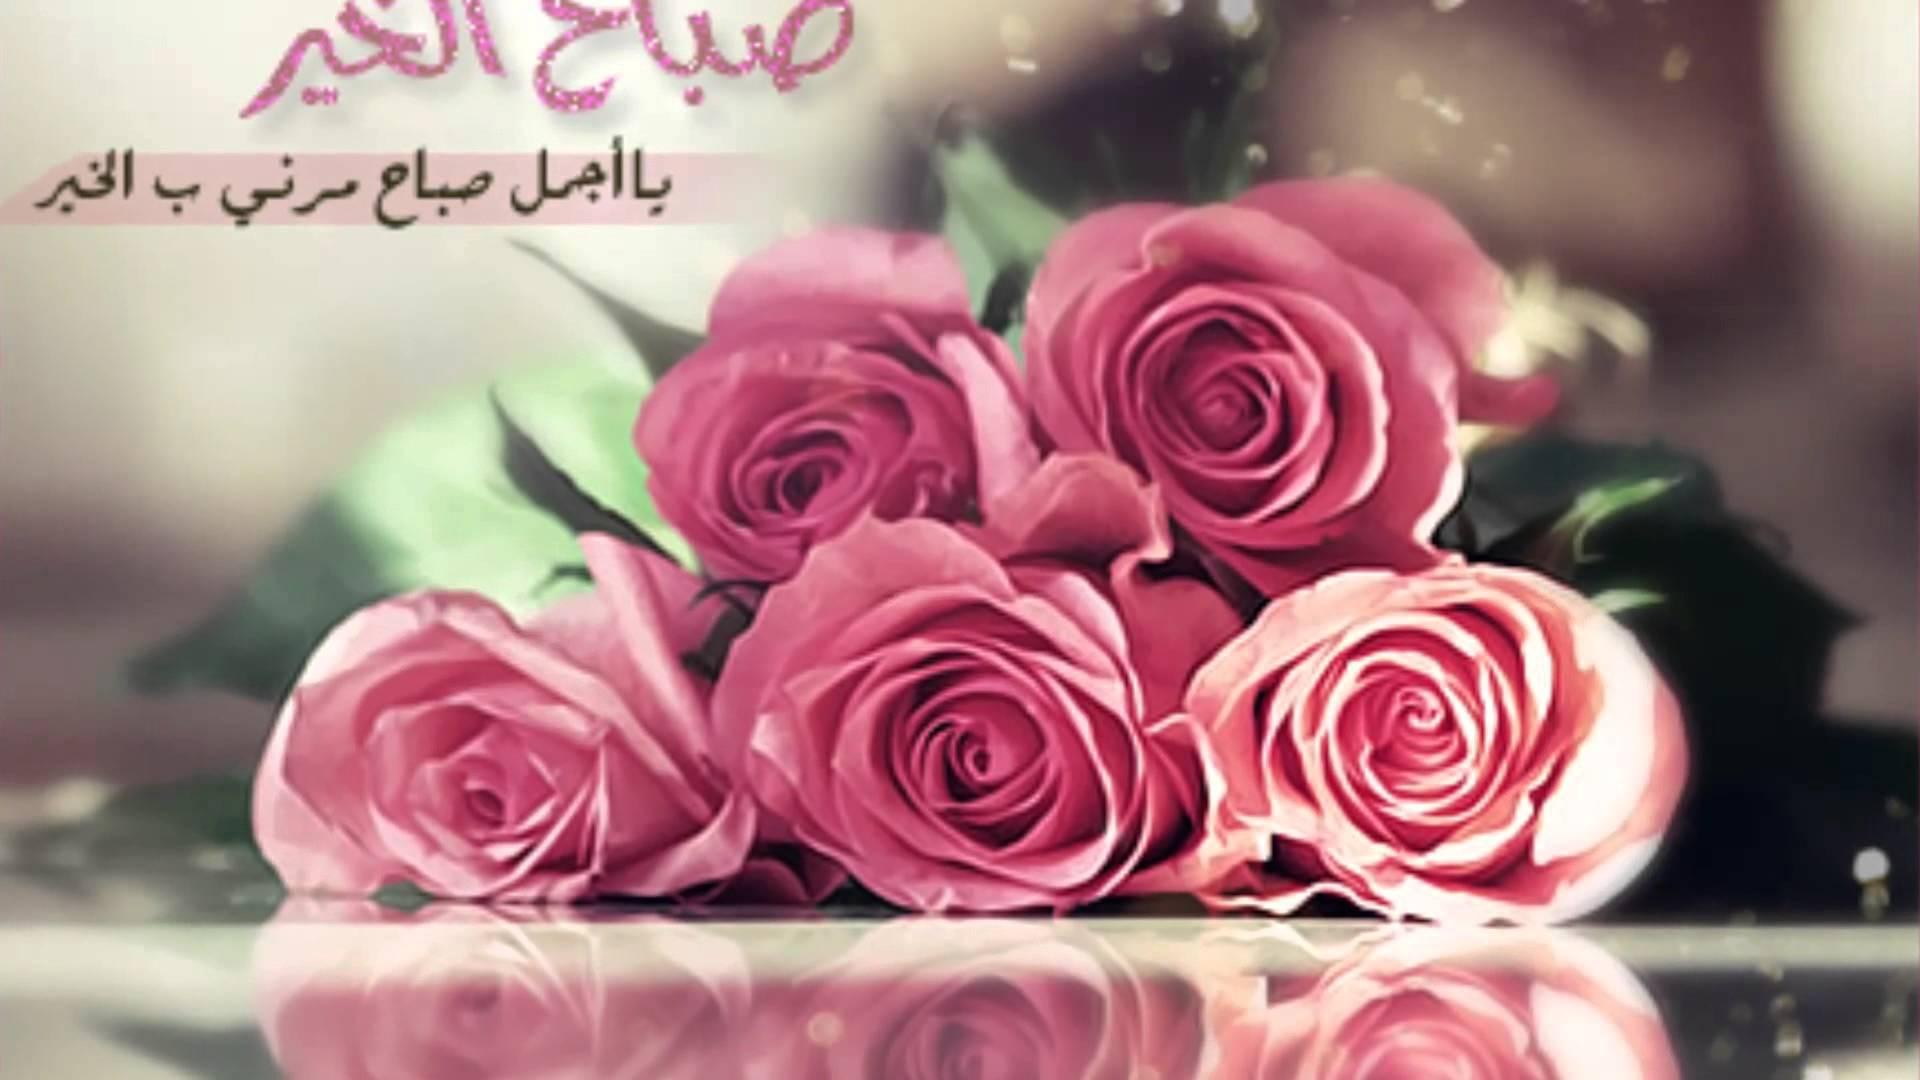 بالصور صباح الورد حبيبي , صور صباح الحب و الورد للحبيب 885 5